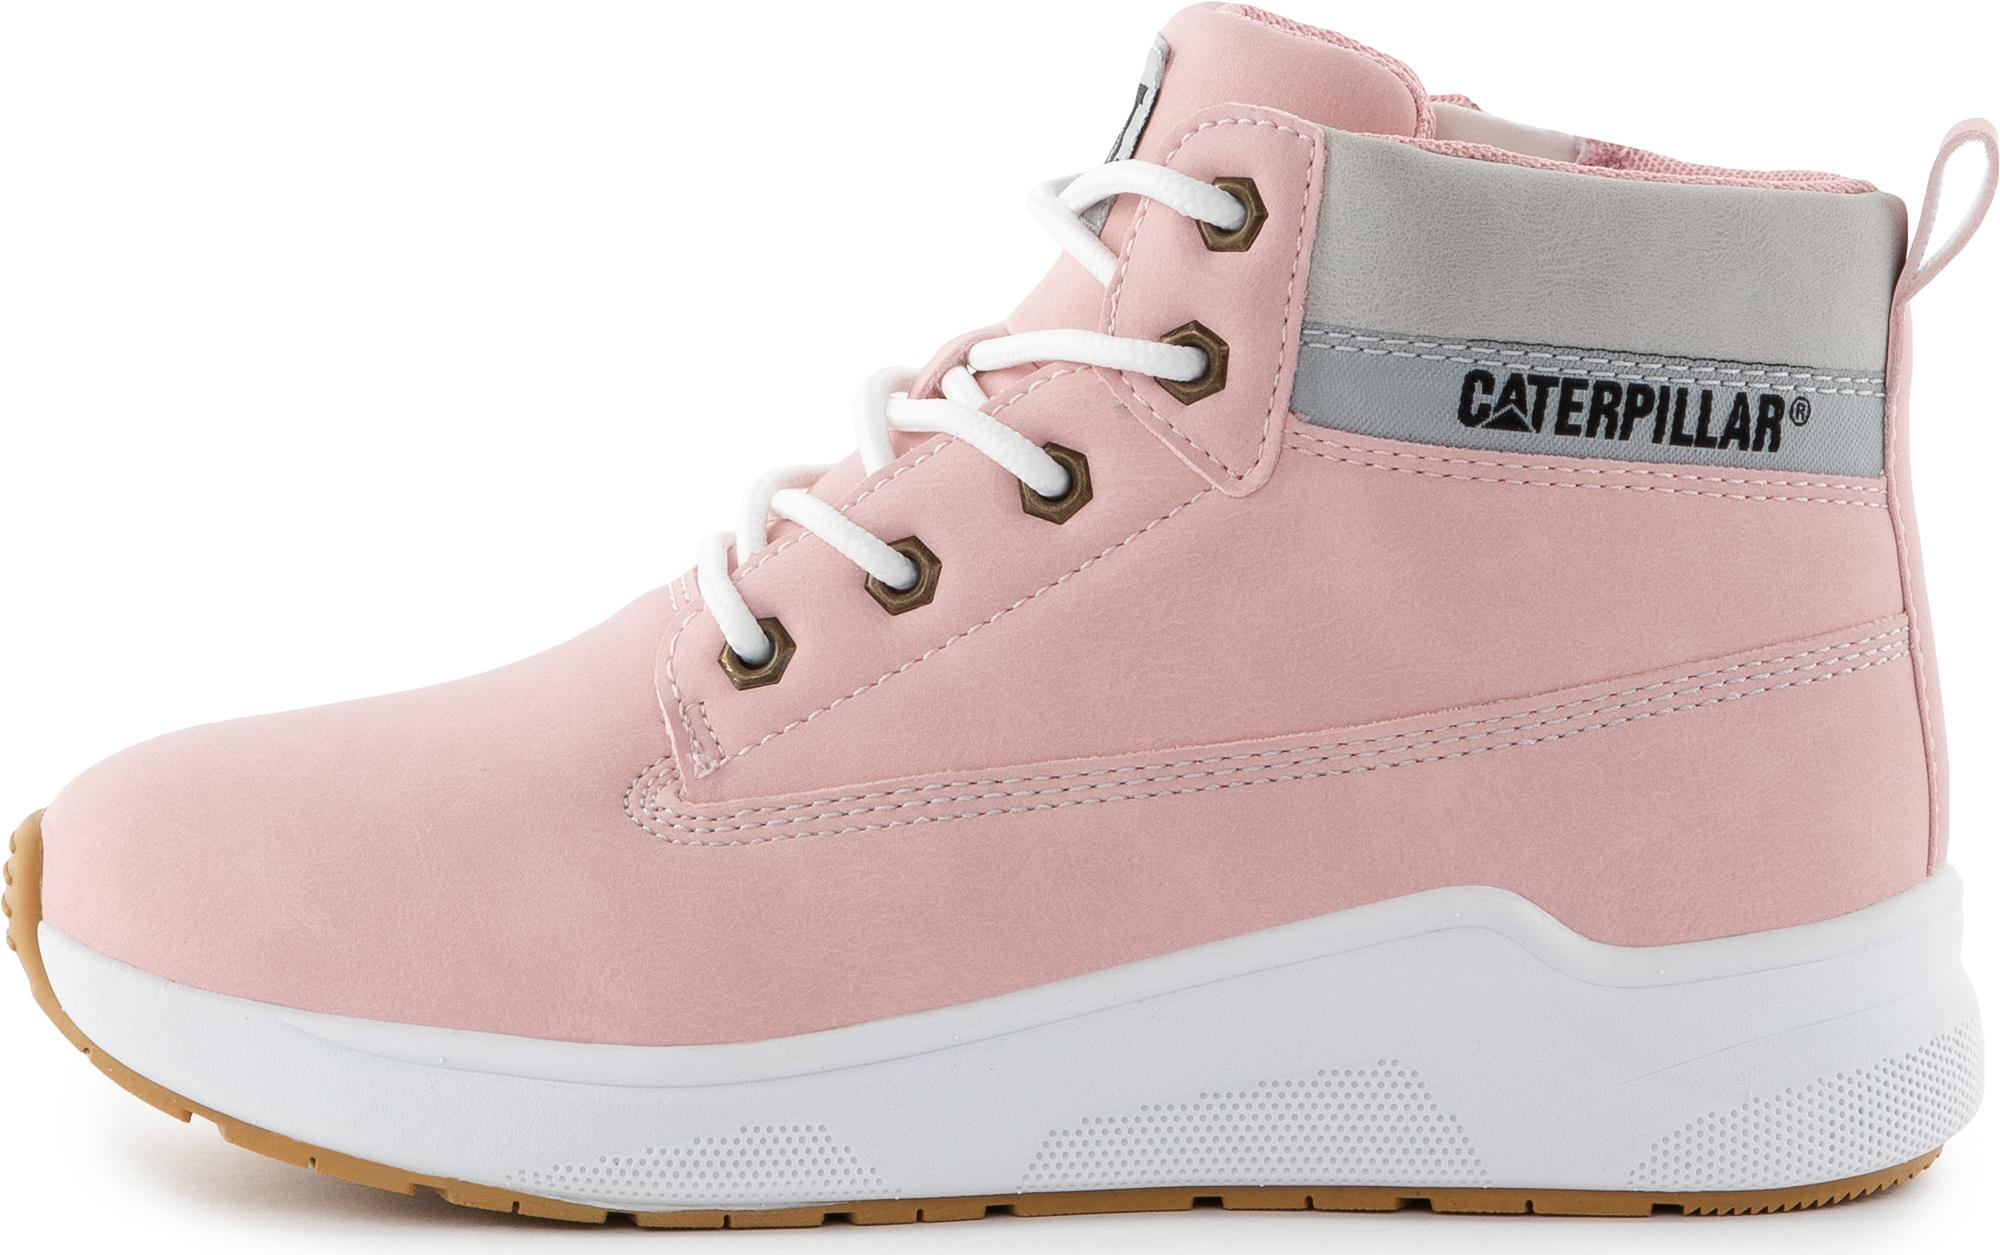 цена на Caterpillar Ботинки детские Caterpillar Colmax, размер 37